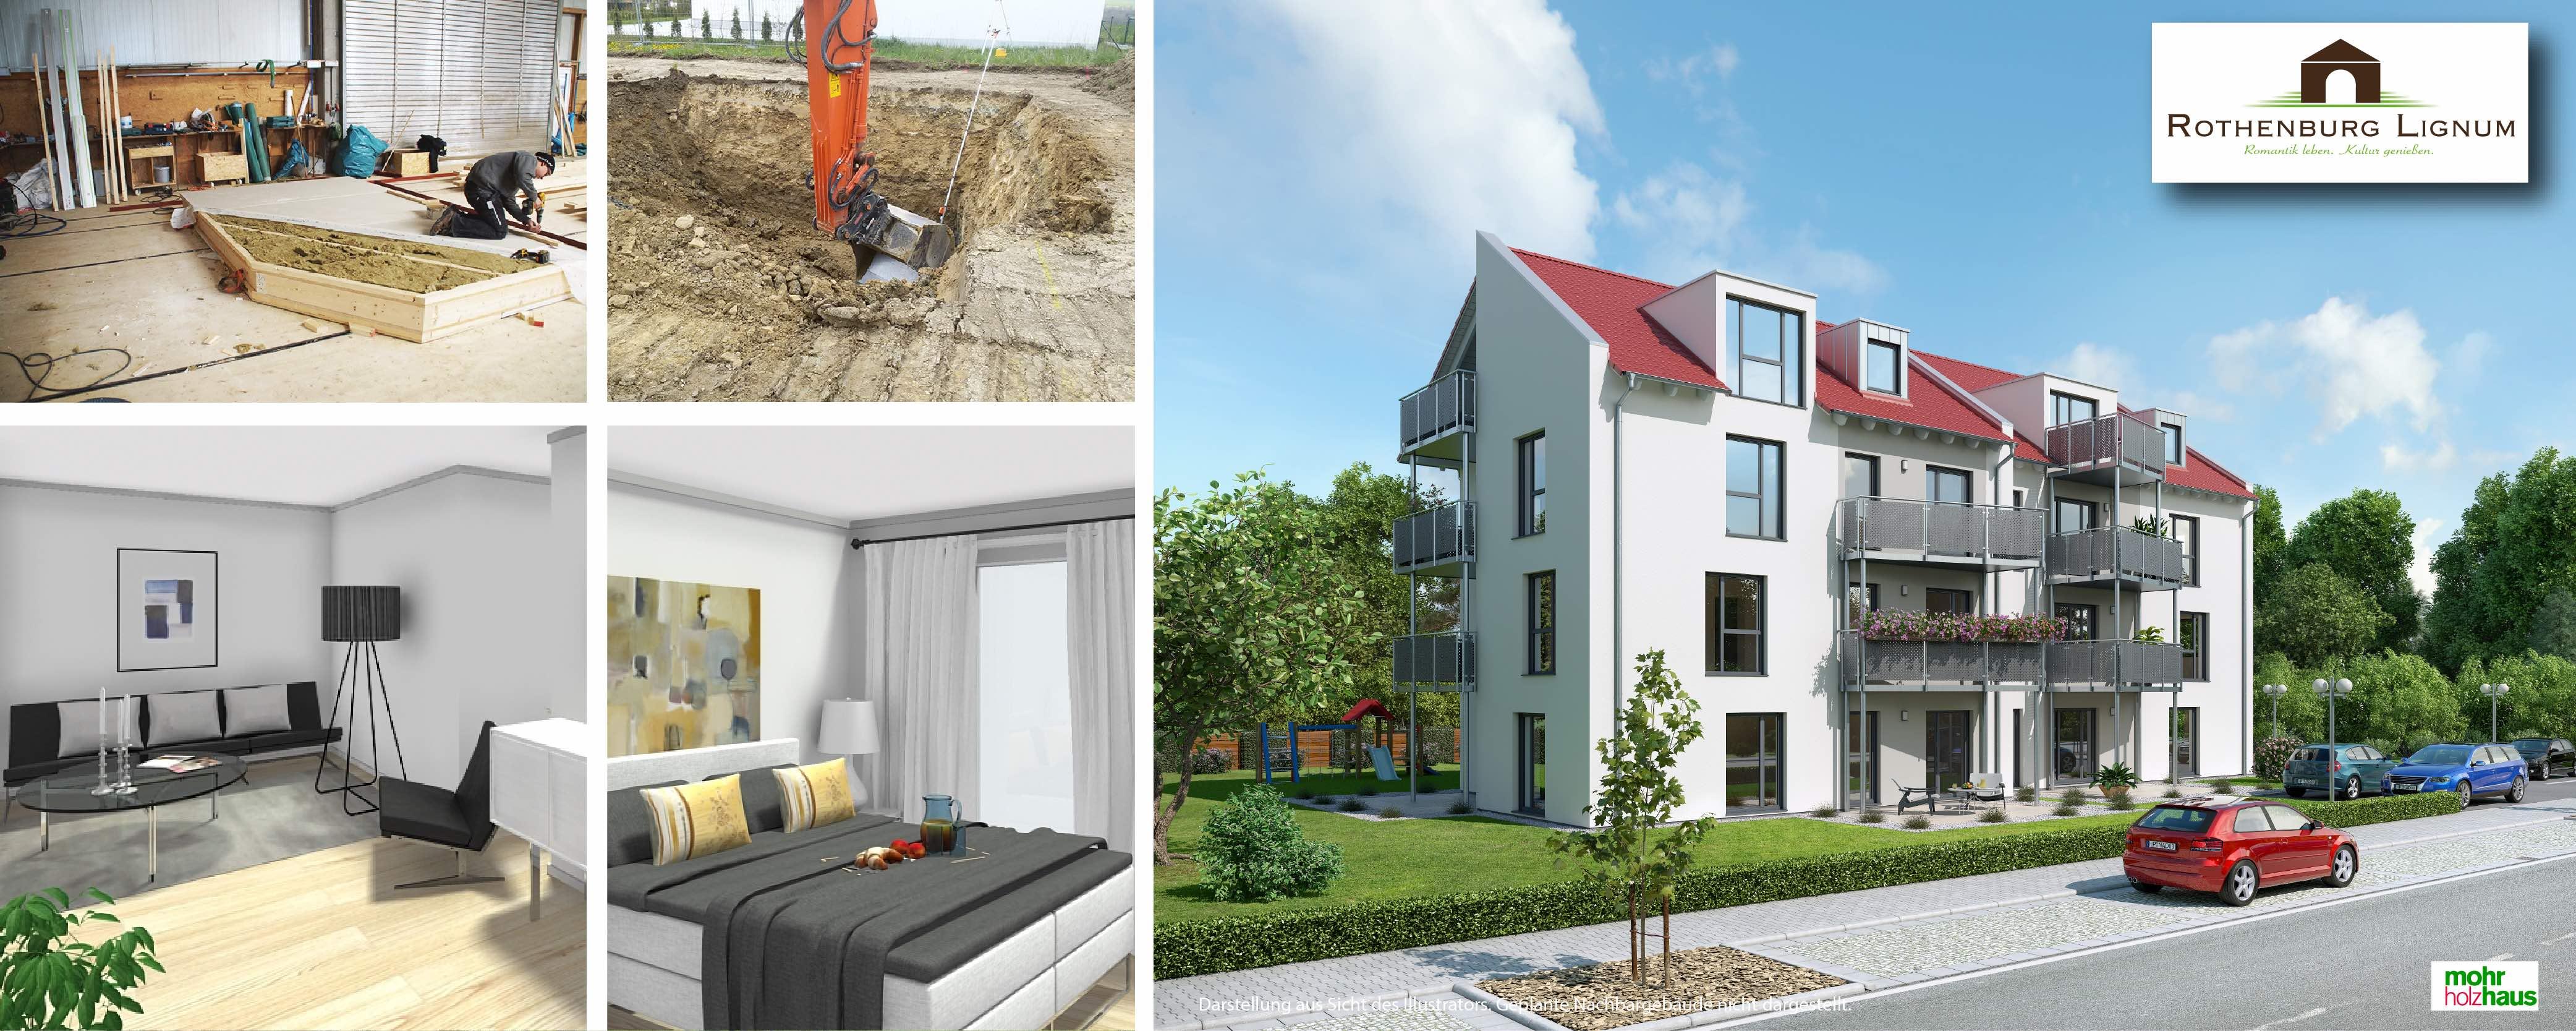 Baubeginn Rothenburg Lignum